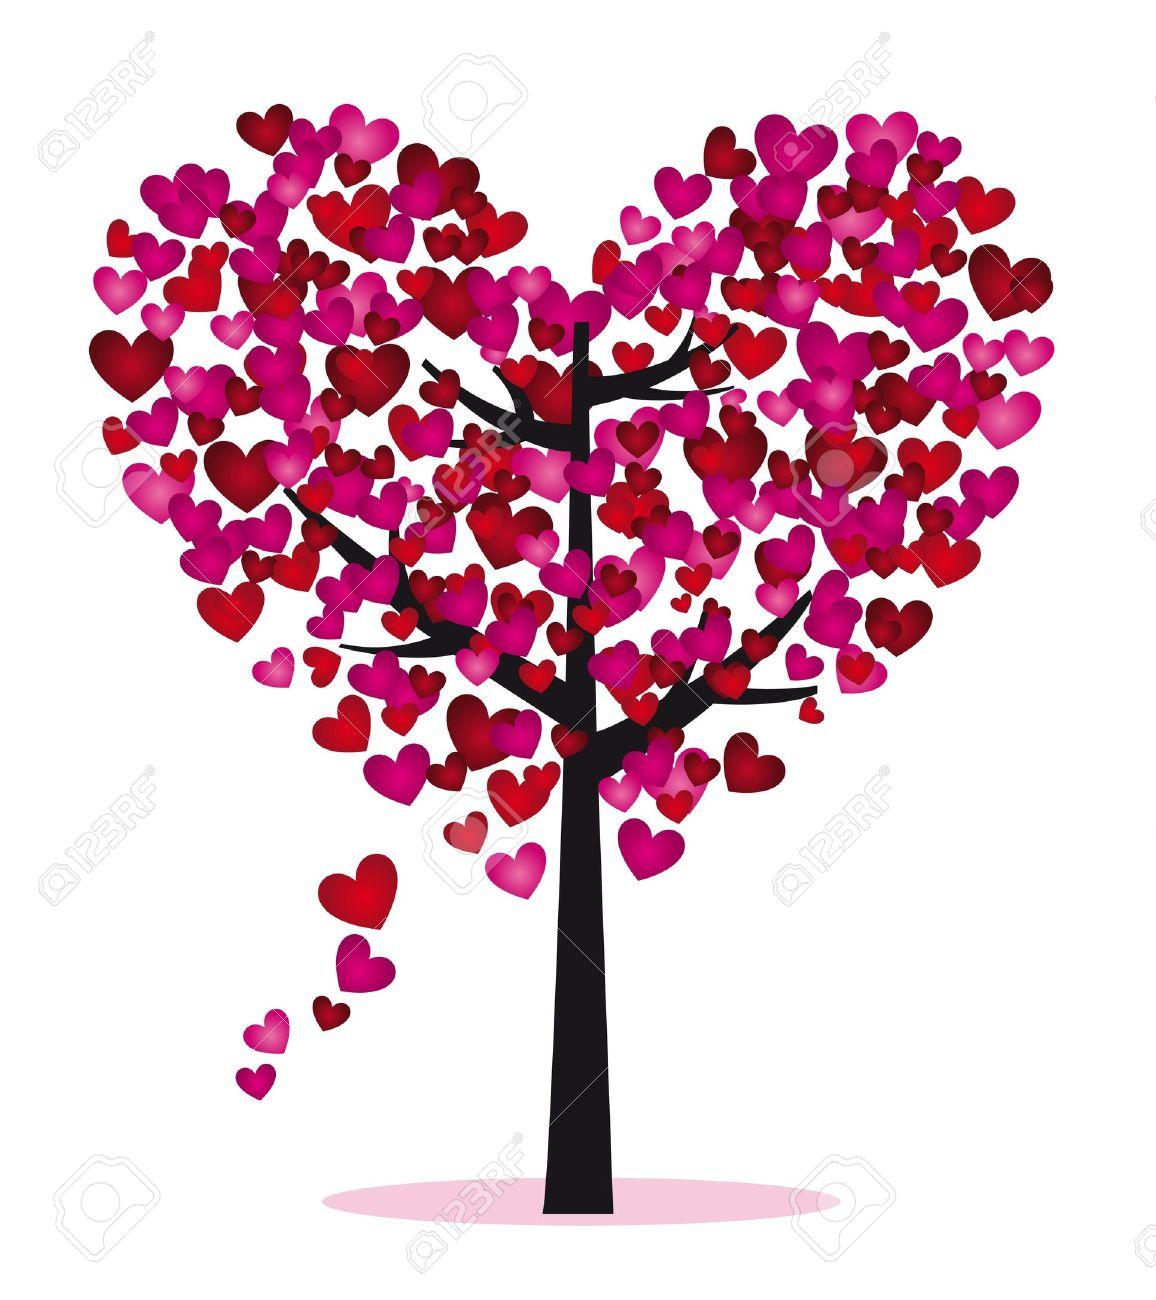 arbre coeur Arbre pourpre et rouge avec des feuilles de coeur illustration vectorielle